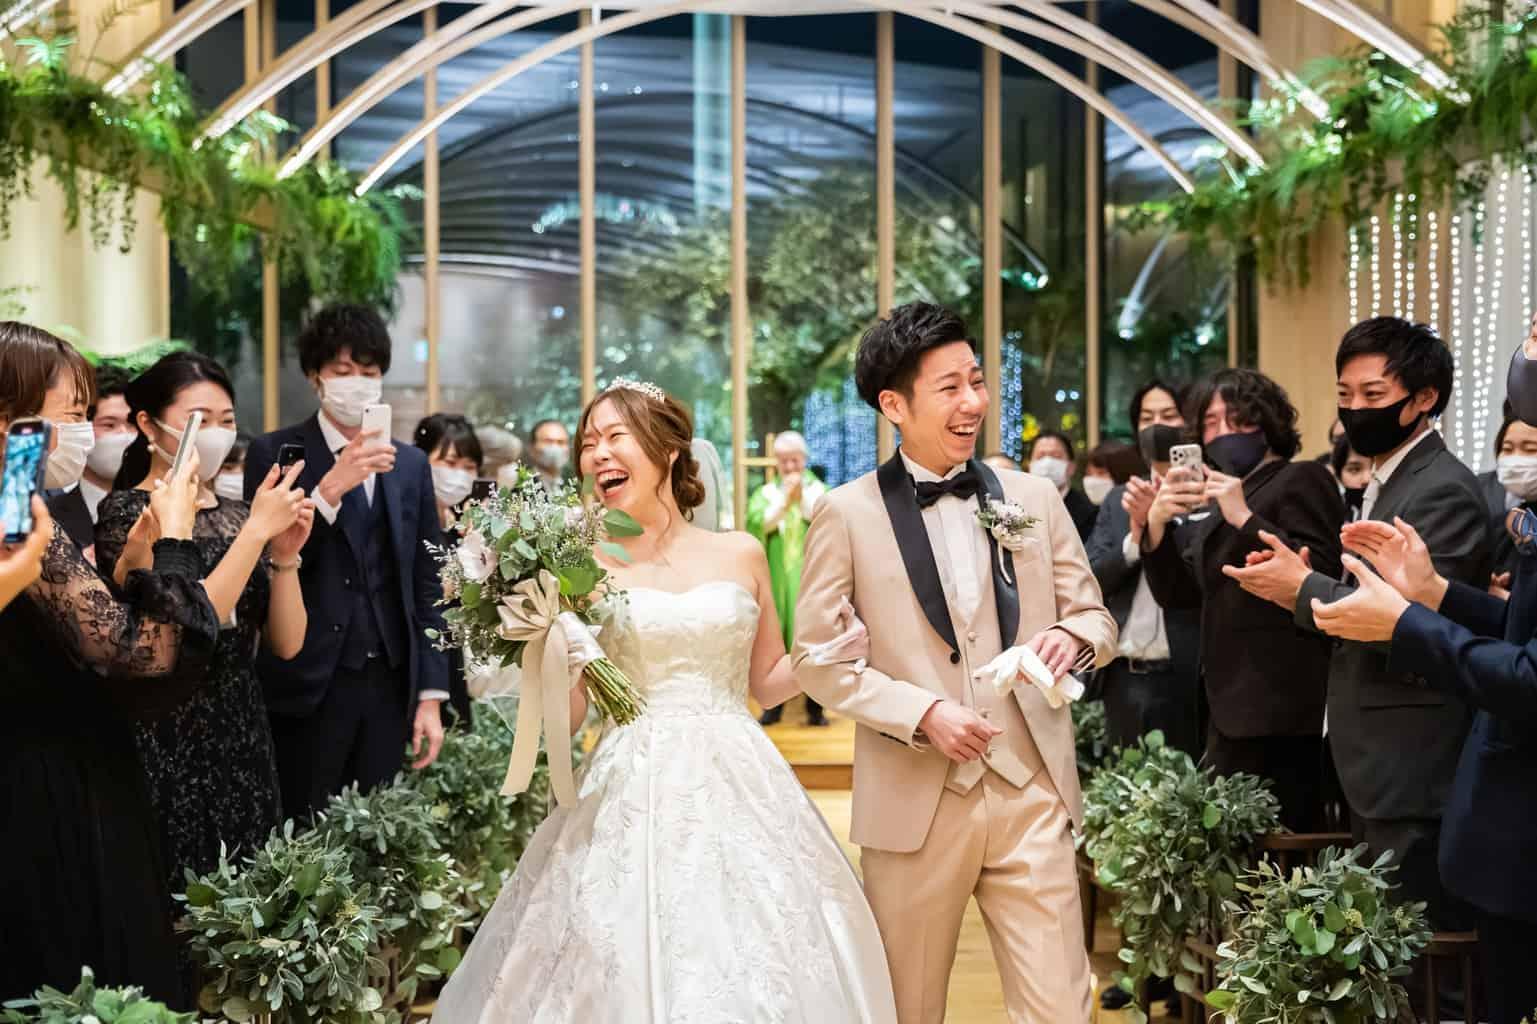 元プランナーに聞いた!結婚式準備の時短テクニック16選♡のカバー写真 0.6662329212752115